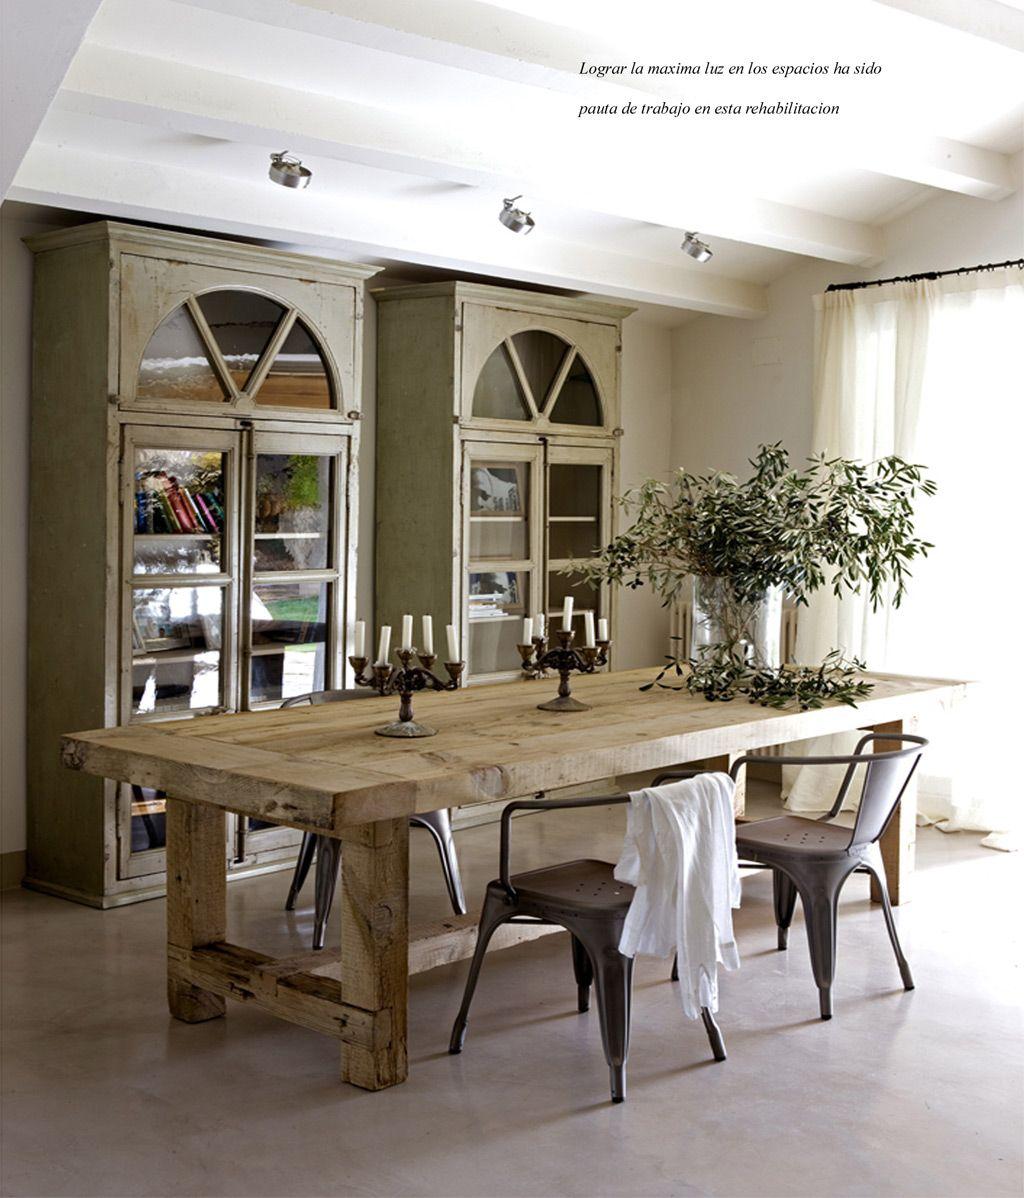 Tavolo cucina alto : tavolo cucina alto. tavolo da cucina alto ...